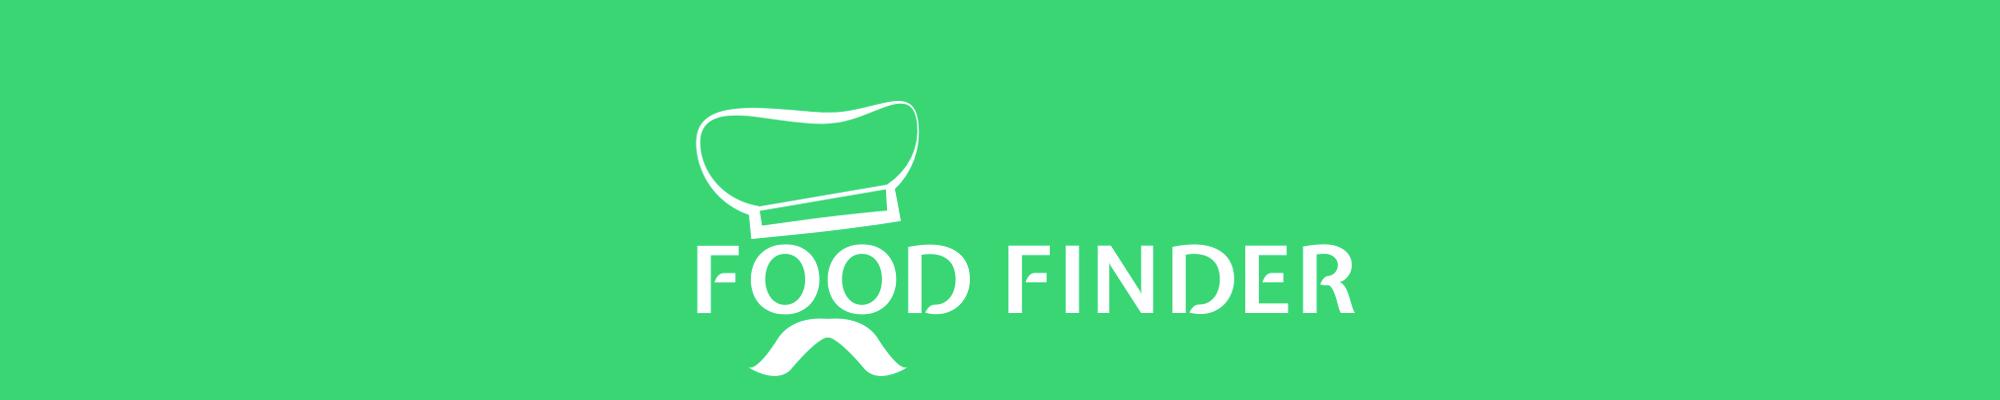 Food_tuile